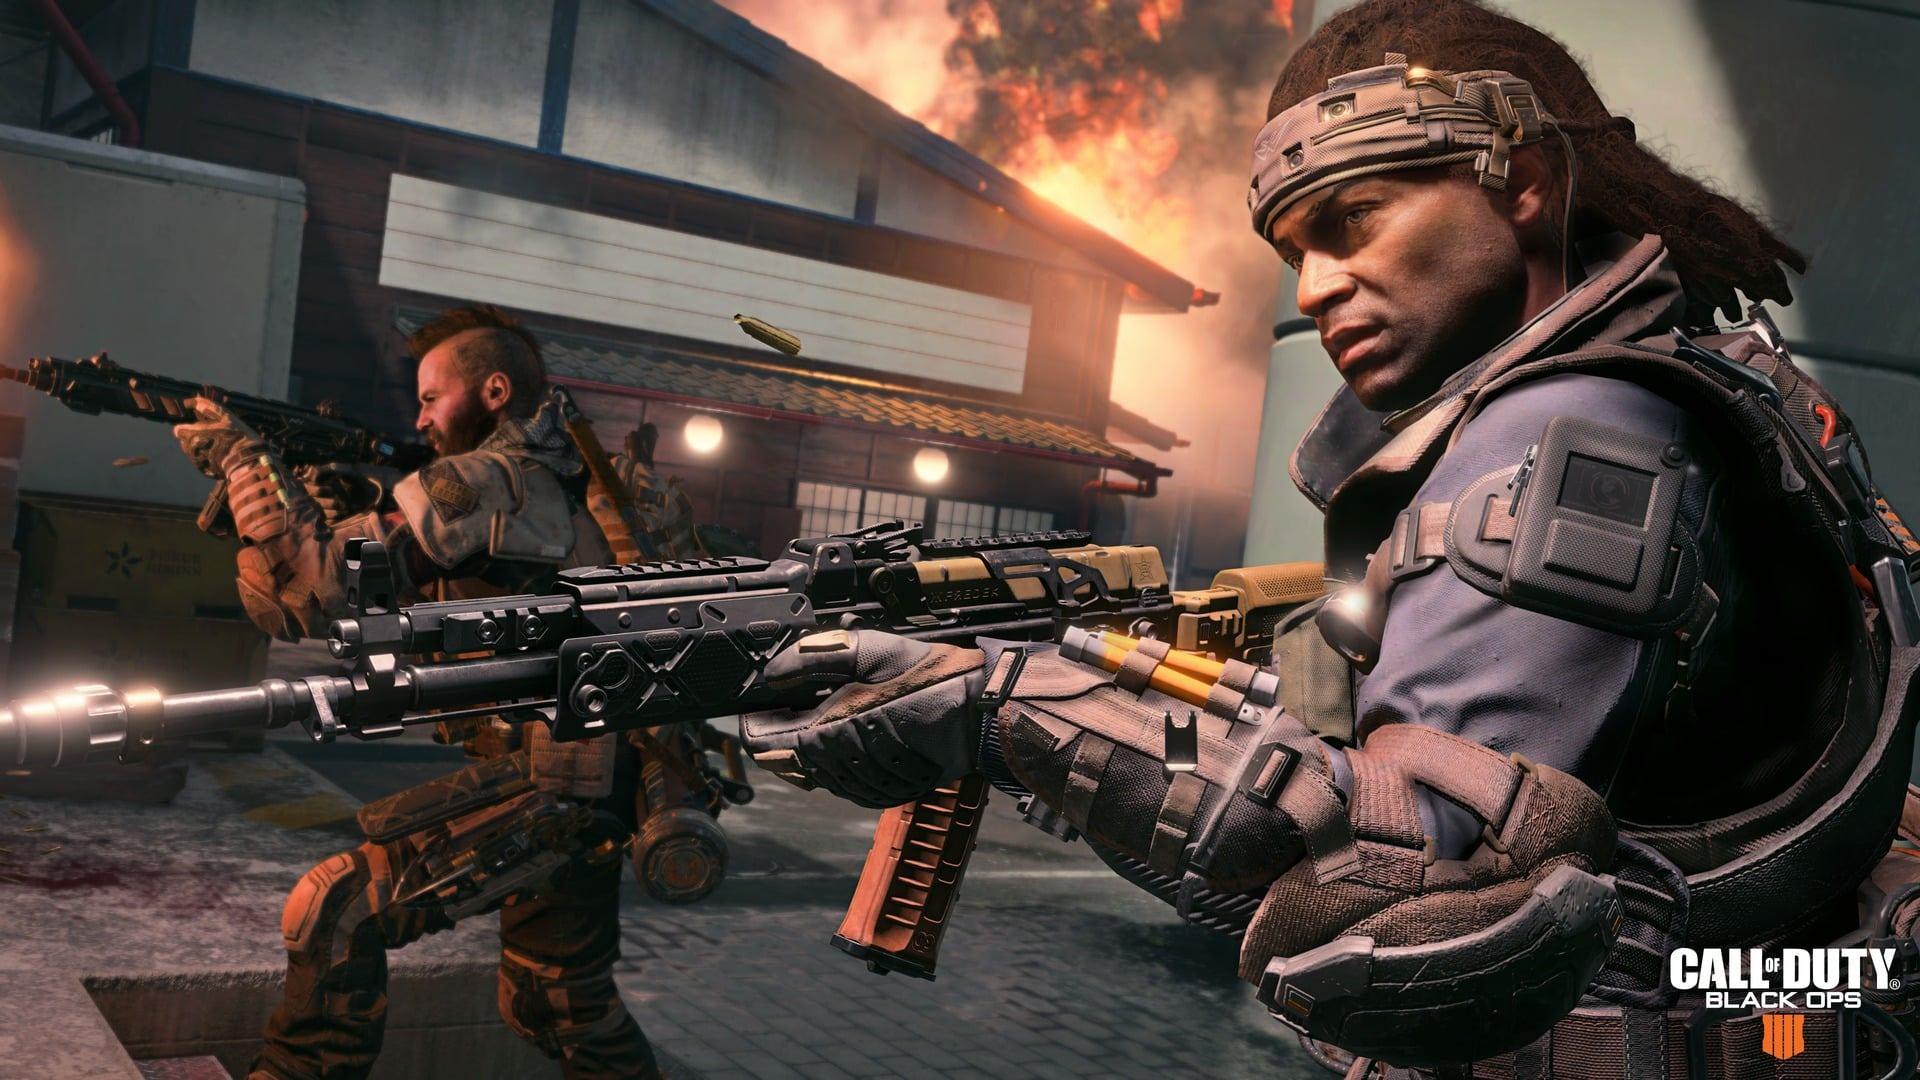 Blackout de Call of Duty 4 gratis durante una semana